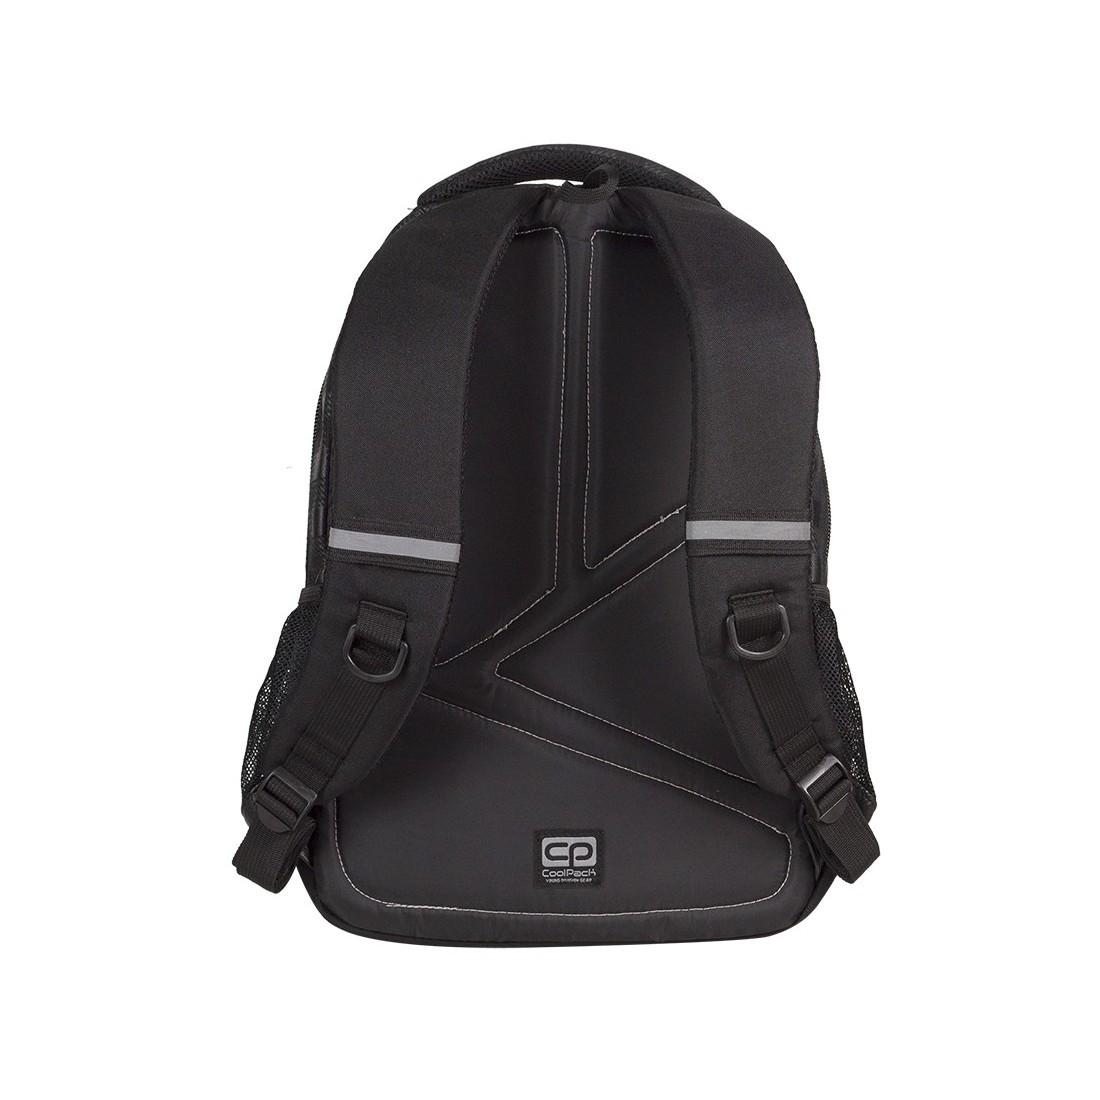 Plecak młodzieżowy Coolpack CP lekki czarny w kratkę + żółte wstawki BASIC BLACK & YELLOW 414 - plecak-tornister.pl